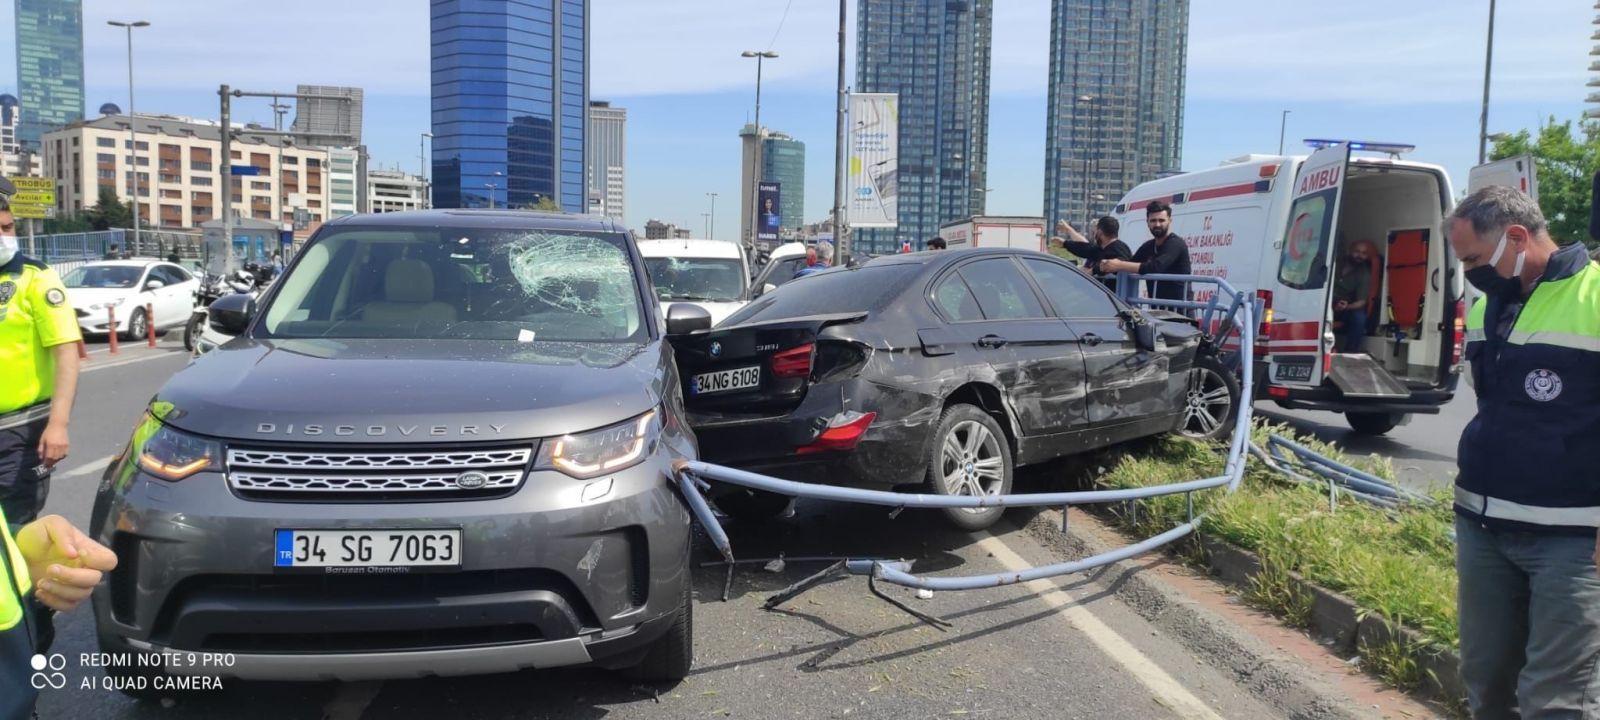 11 aracın karıştığı akılalmaz kaza kamerada: 3 yaralı